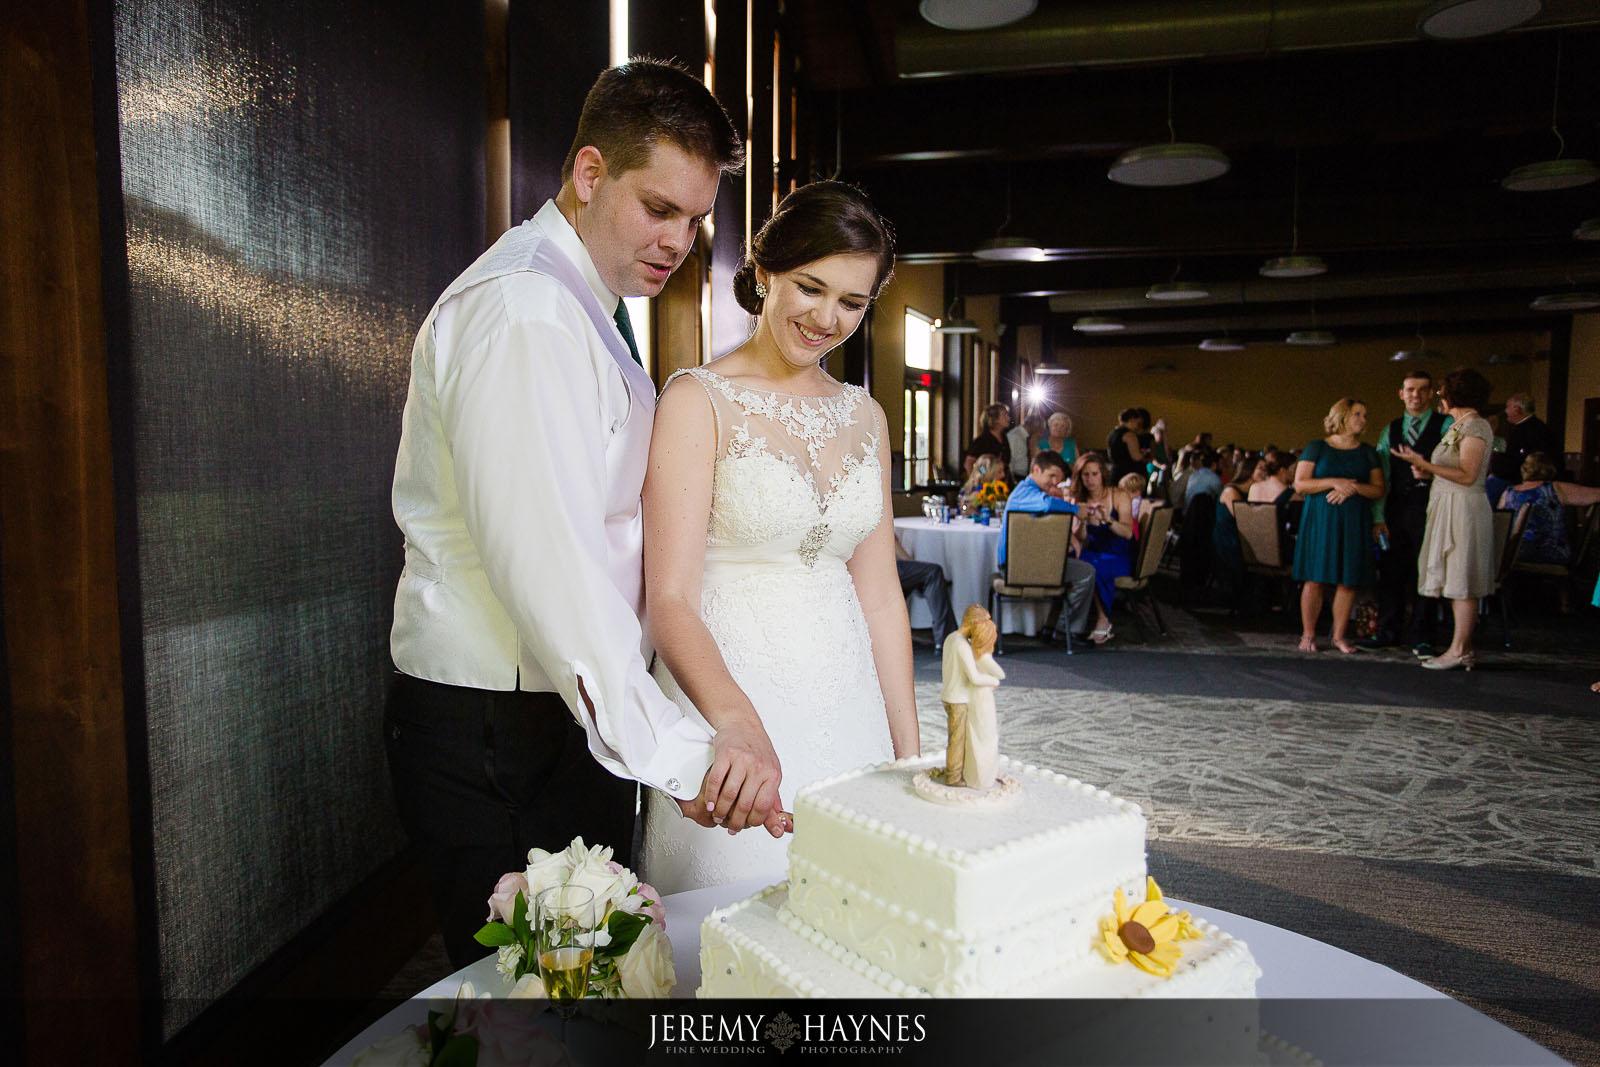 gheens-foundation-lodge-wedding-louisville-7.jpg